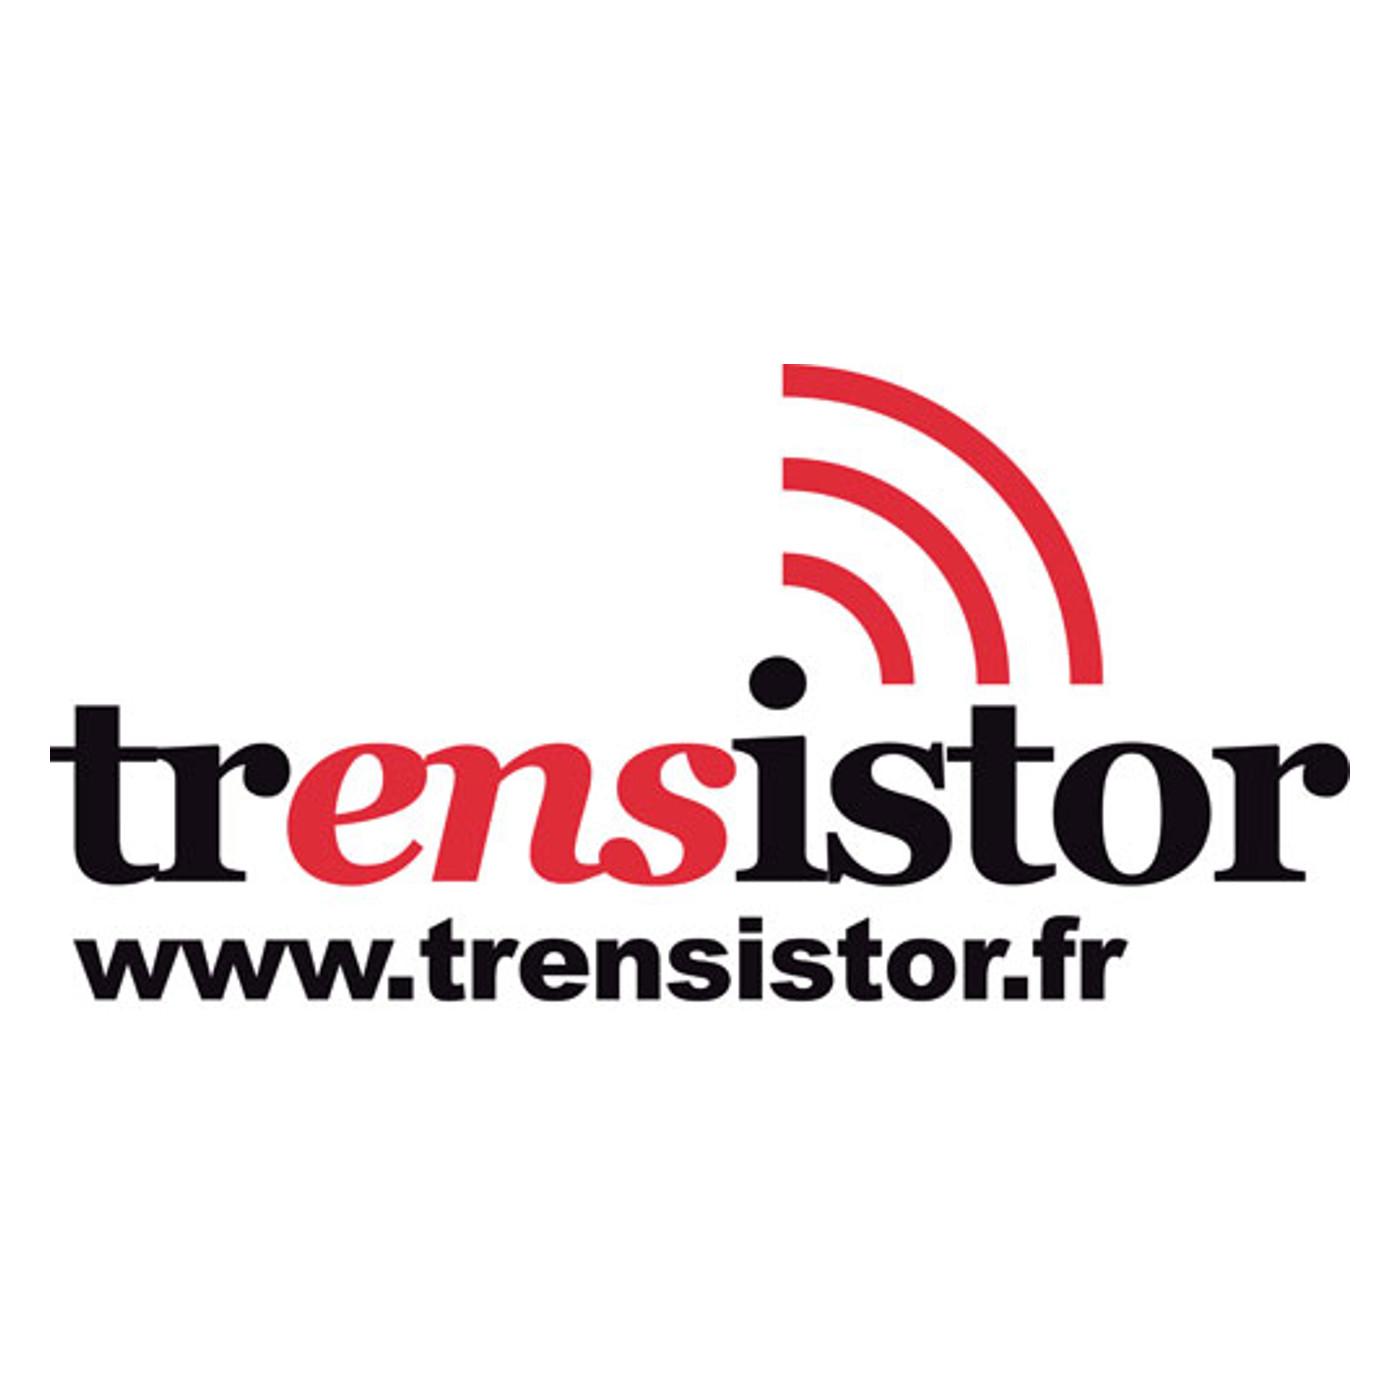 Trensistor • La webradio des étudiants de l'ENS de Lyon